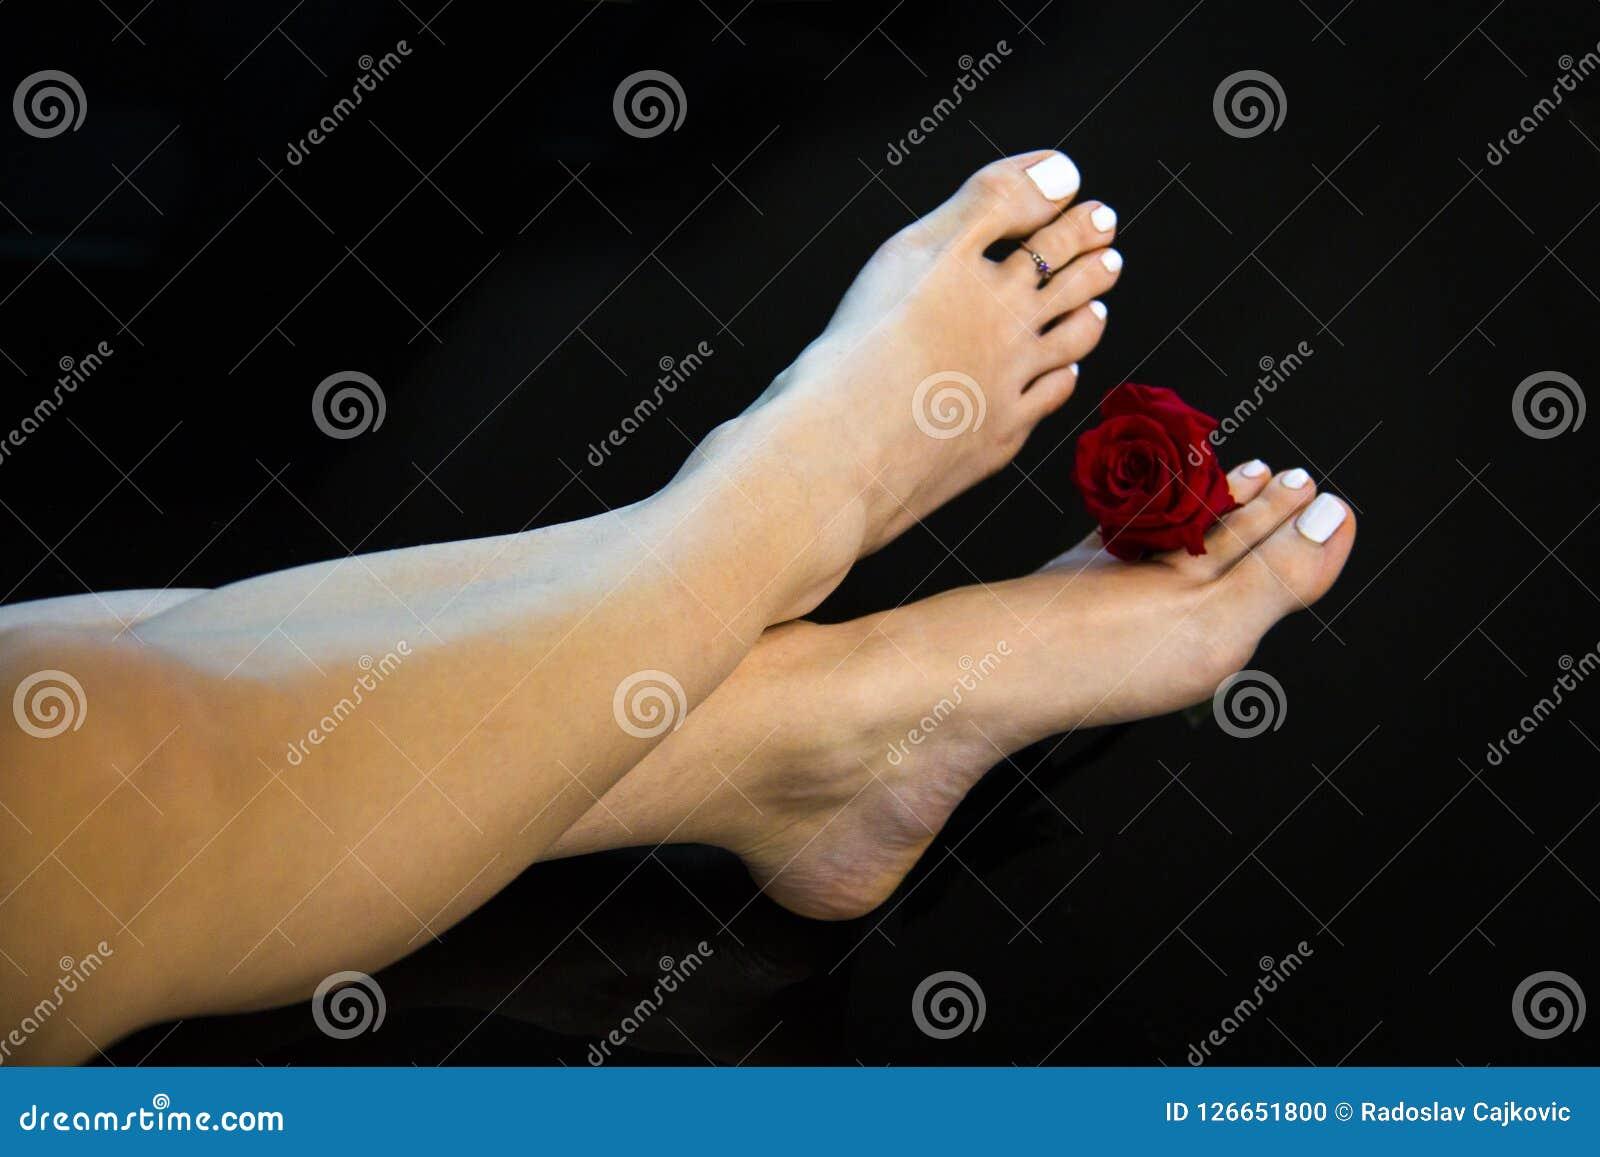 Os pés agradáveis da mulher cruzaram-se com a flor fresca da rosa do vermelho, polimento de pregos branco, pele lisa e saltos, pé